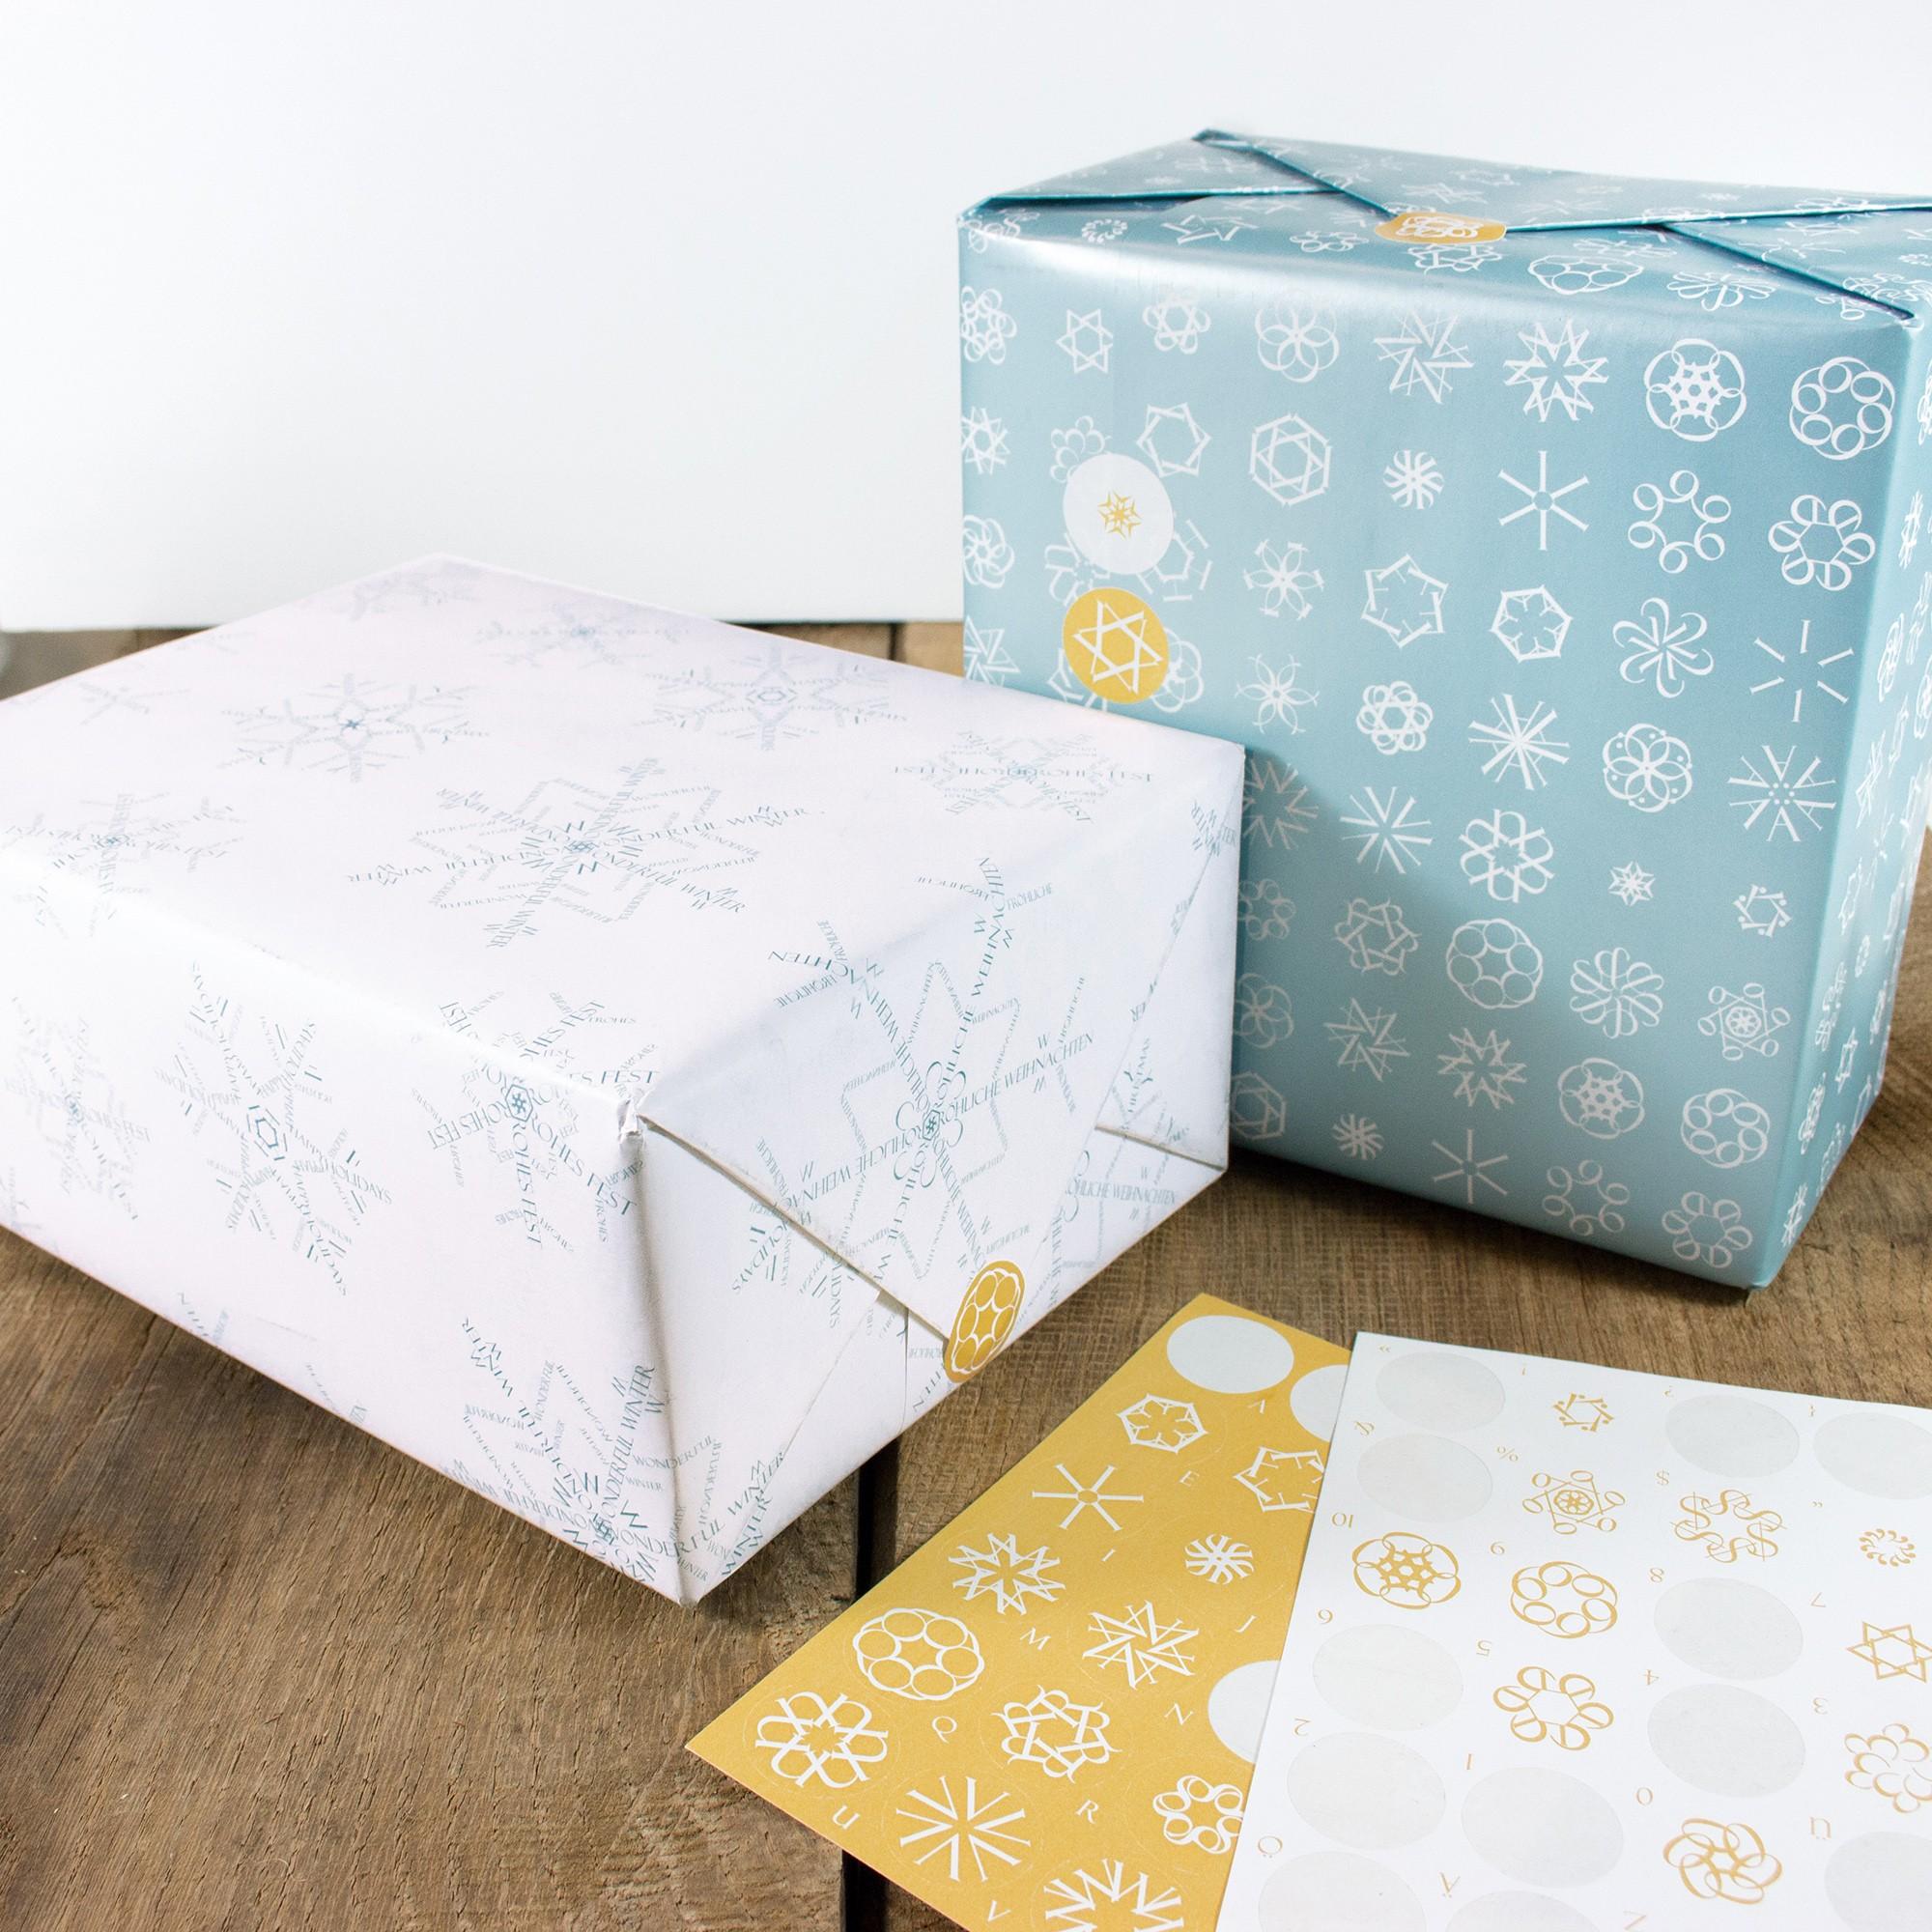 Bow & Hummingbird Schneeflocken Geschenkpapier-Set mit Aufklebern ...